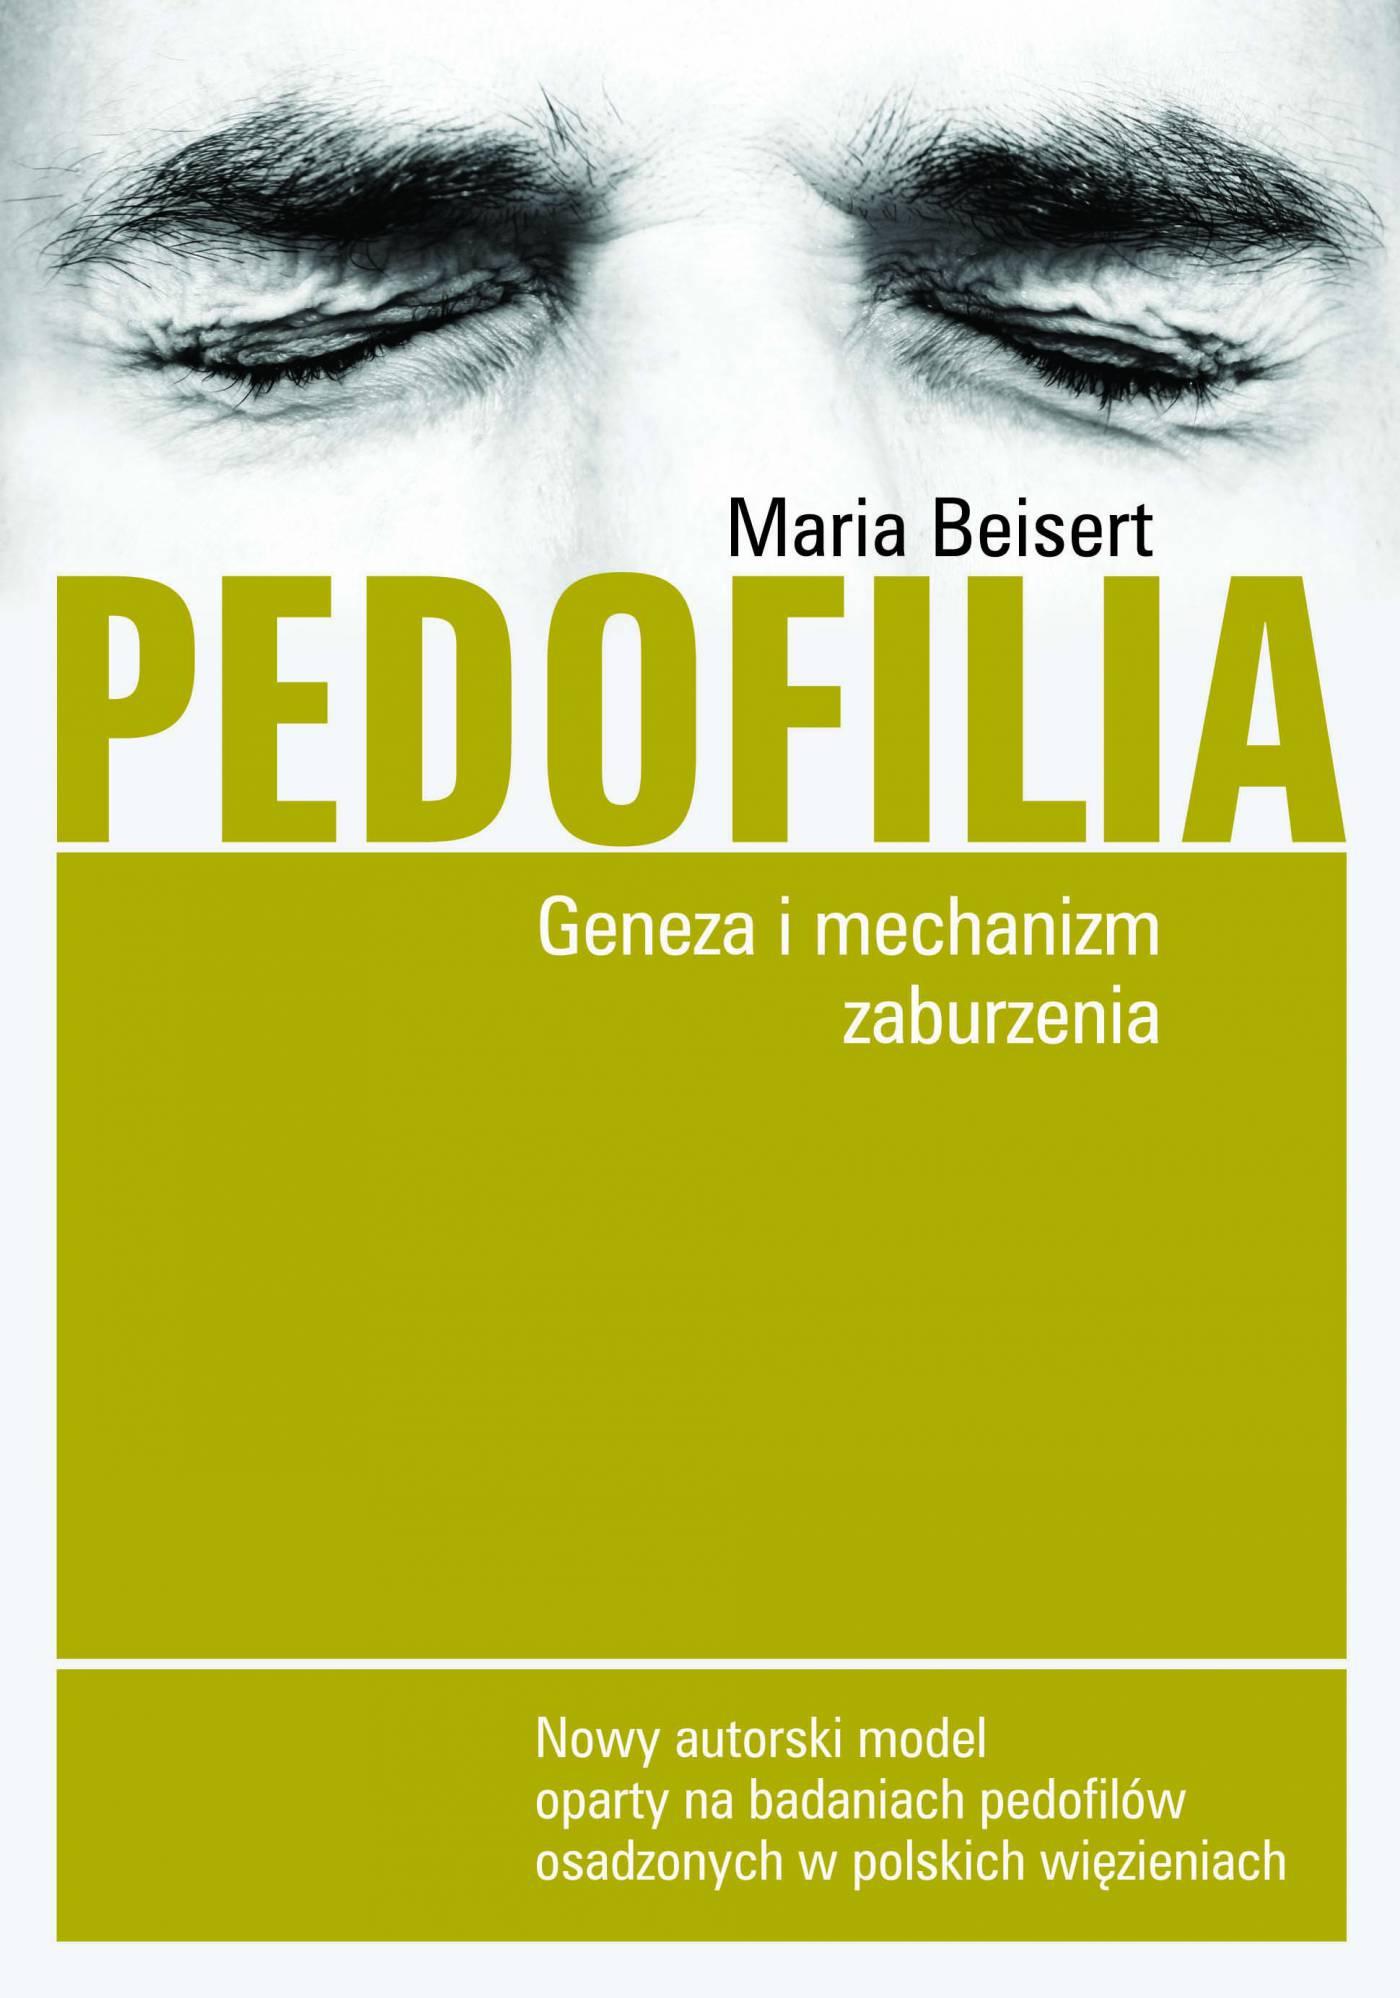 Pedofilia. Geneza i mechanizm zaburzenia - Ebook (Książka EPUB) do pobrania w formacie EPUB